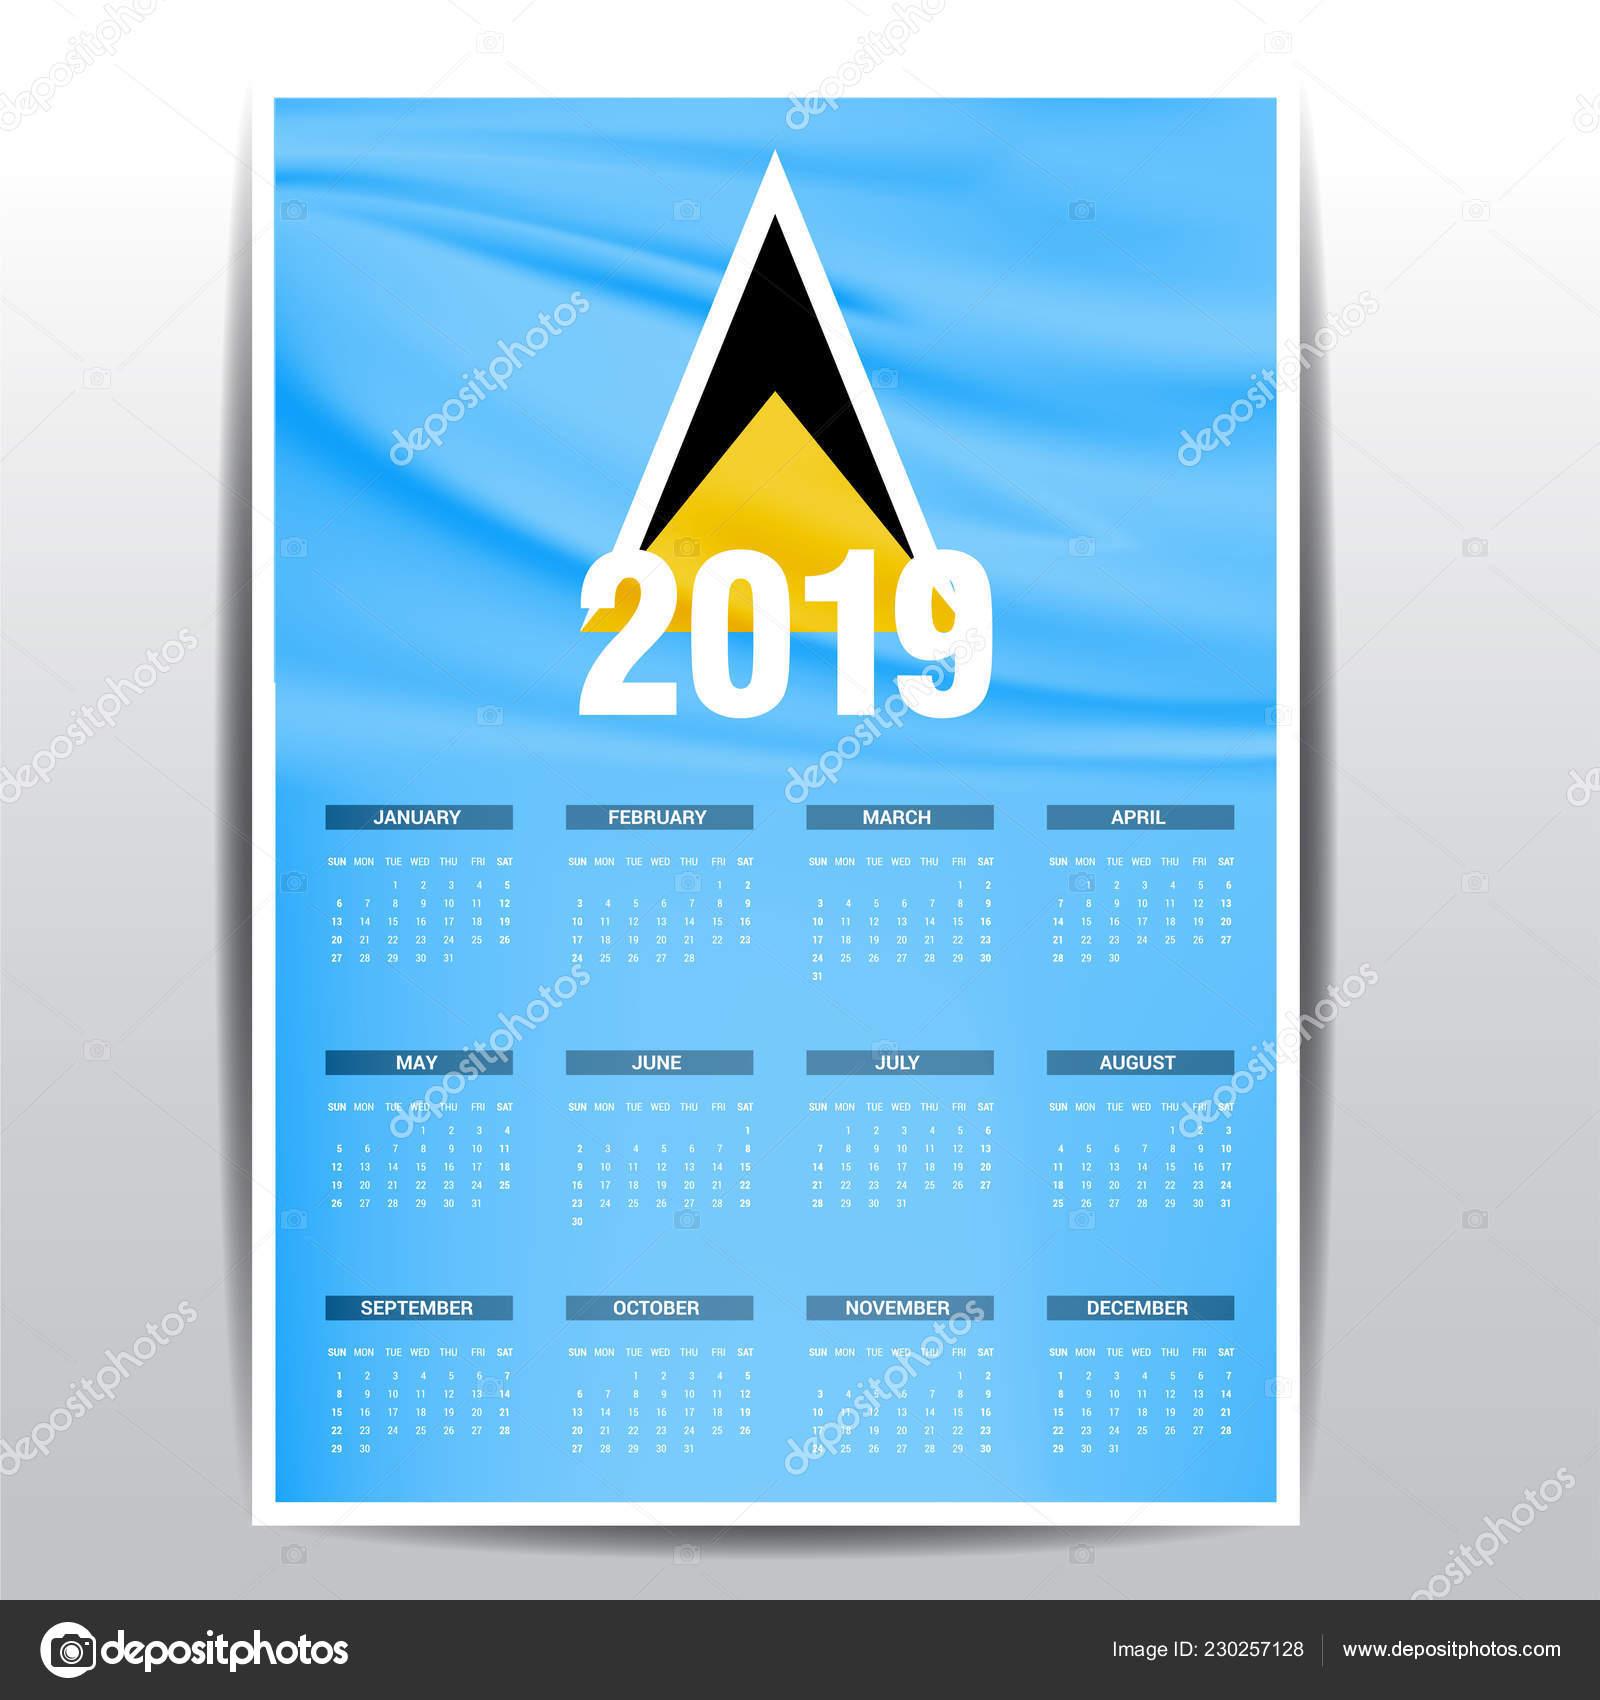 Santa Lucia Calendario.Fondo Calendario 2019 Bandera Santa Lucia Idioma Ingles